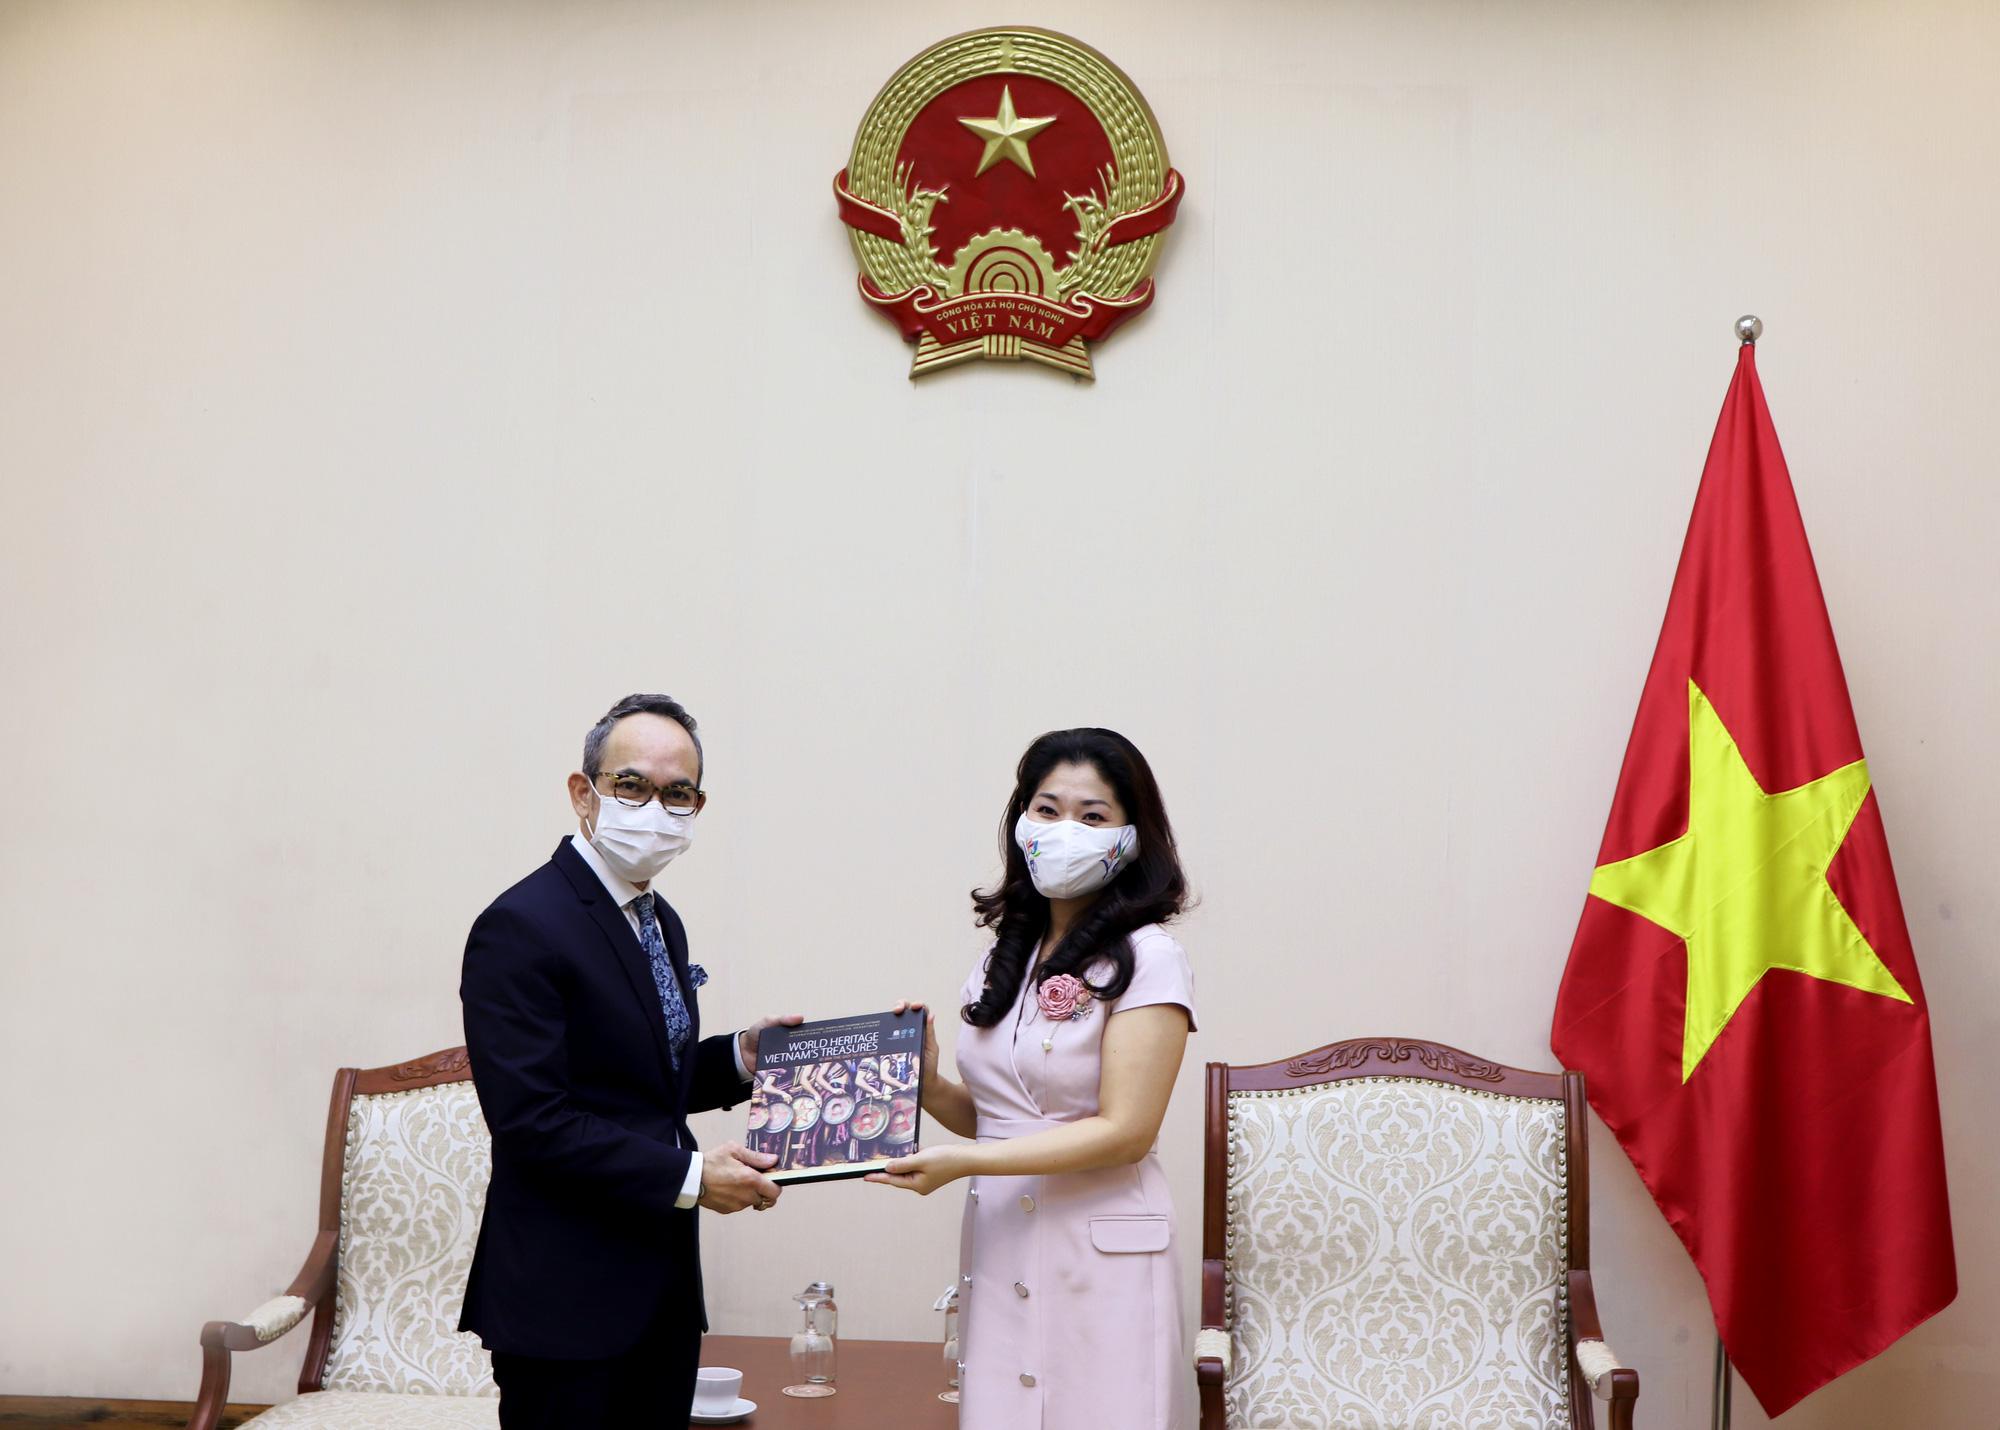 Tổ chức các hoạt động văn hóa kỷ niệm 45 năm quan hệ ngoại giao Việt Nam-Thái Lan - Ảnh 2.